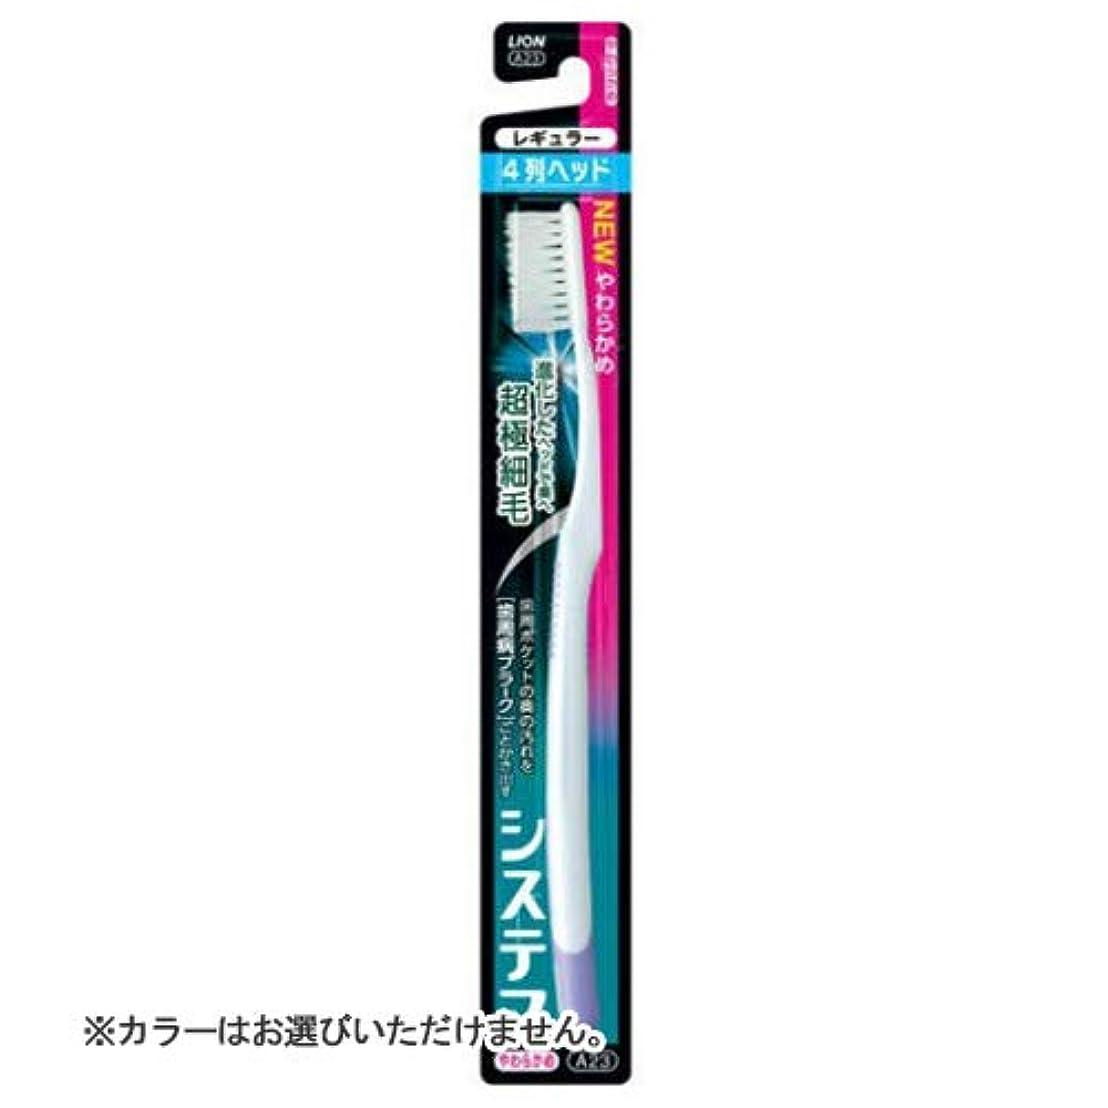 普通のテメリティアライアンスライオン システマ ハブラシ レギュラー4列 やわらかめ (1本) 大人用 歯ブラシ